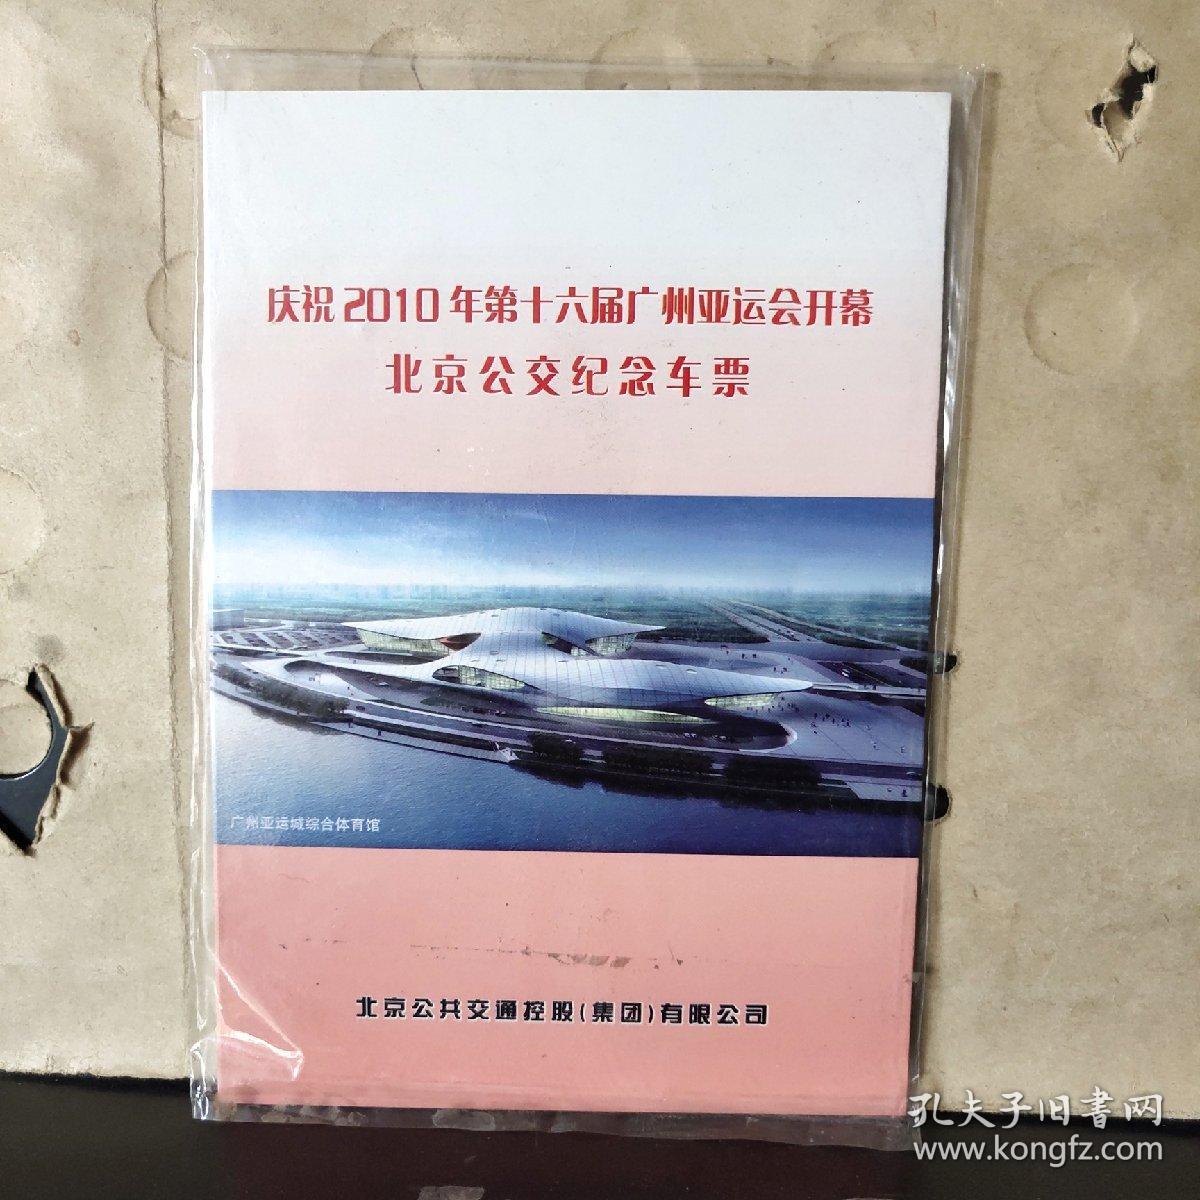 庆祝2010年第十六届广州亚运会开幕北京公交纪念车票(共计3张车票)